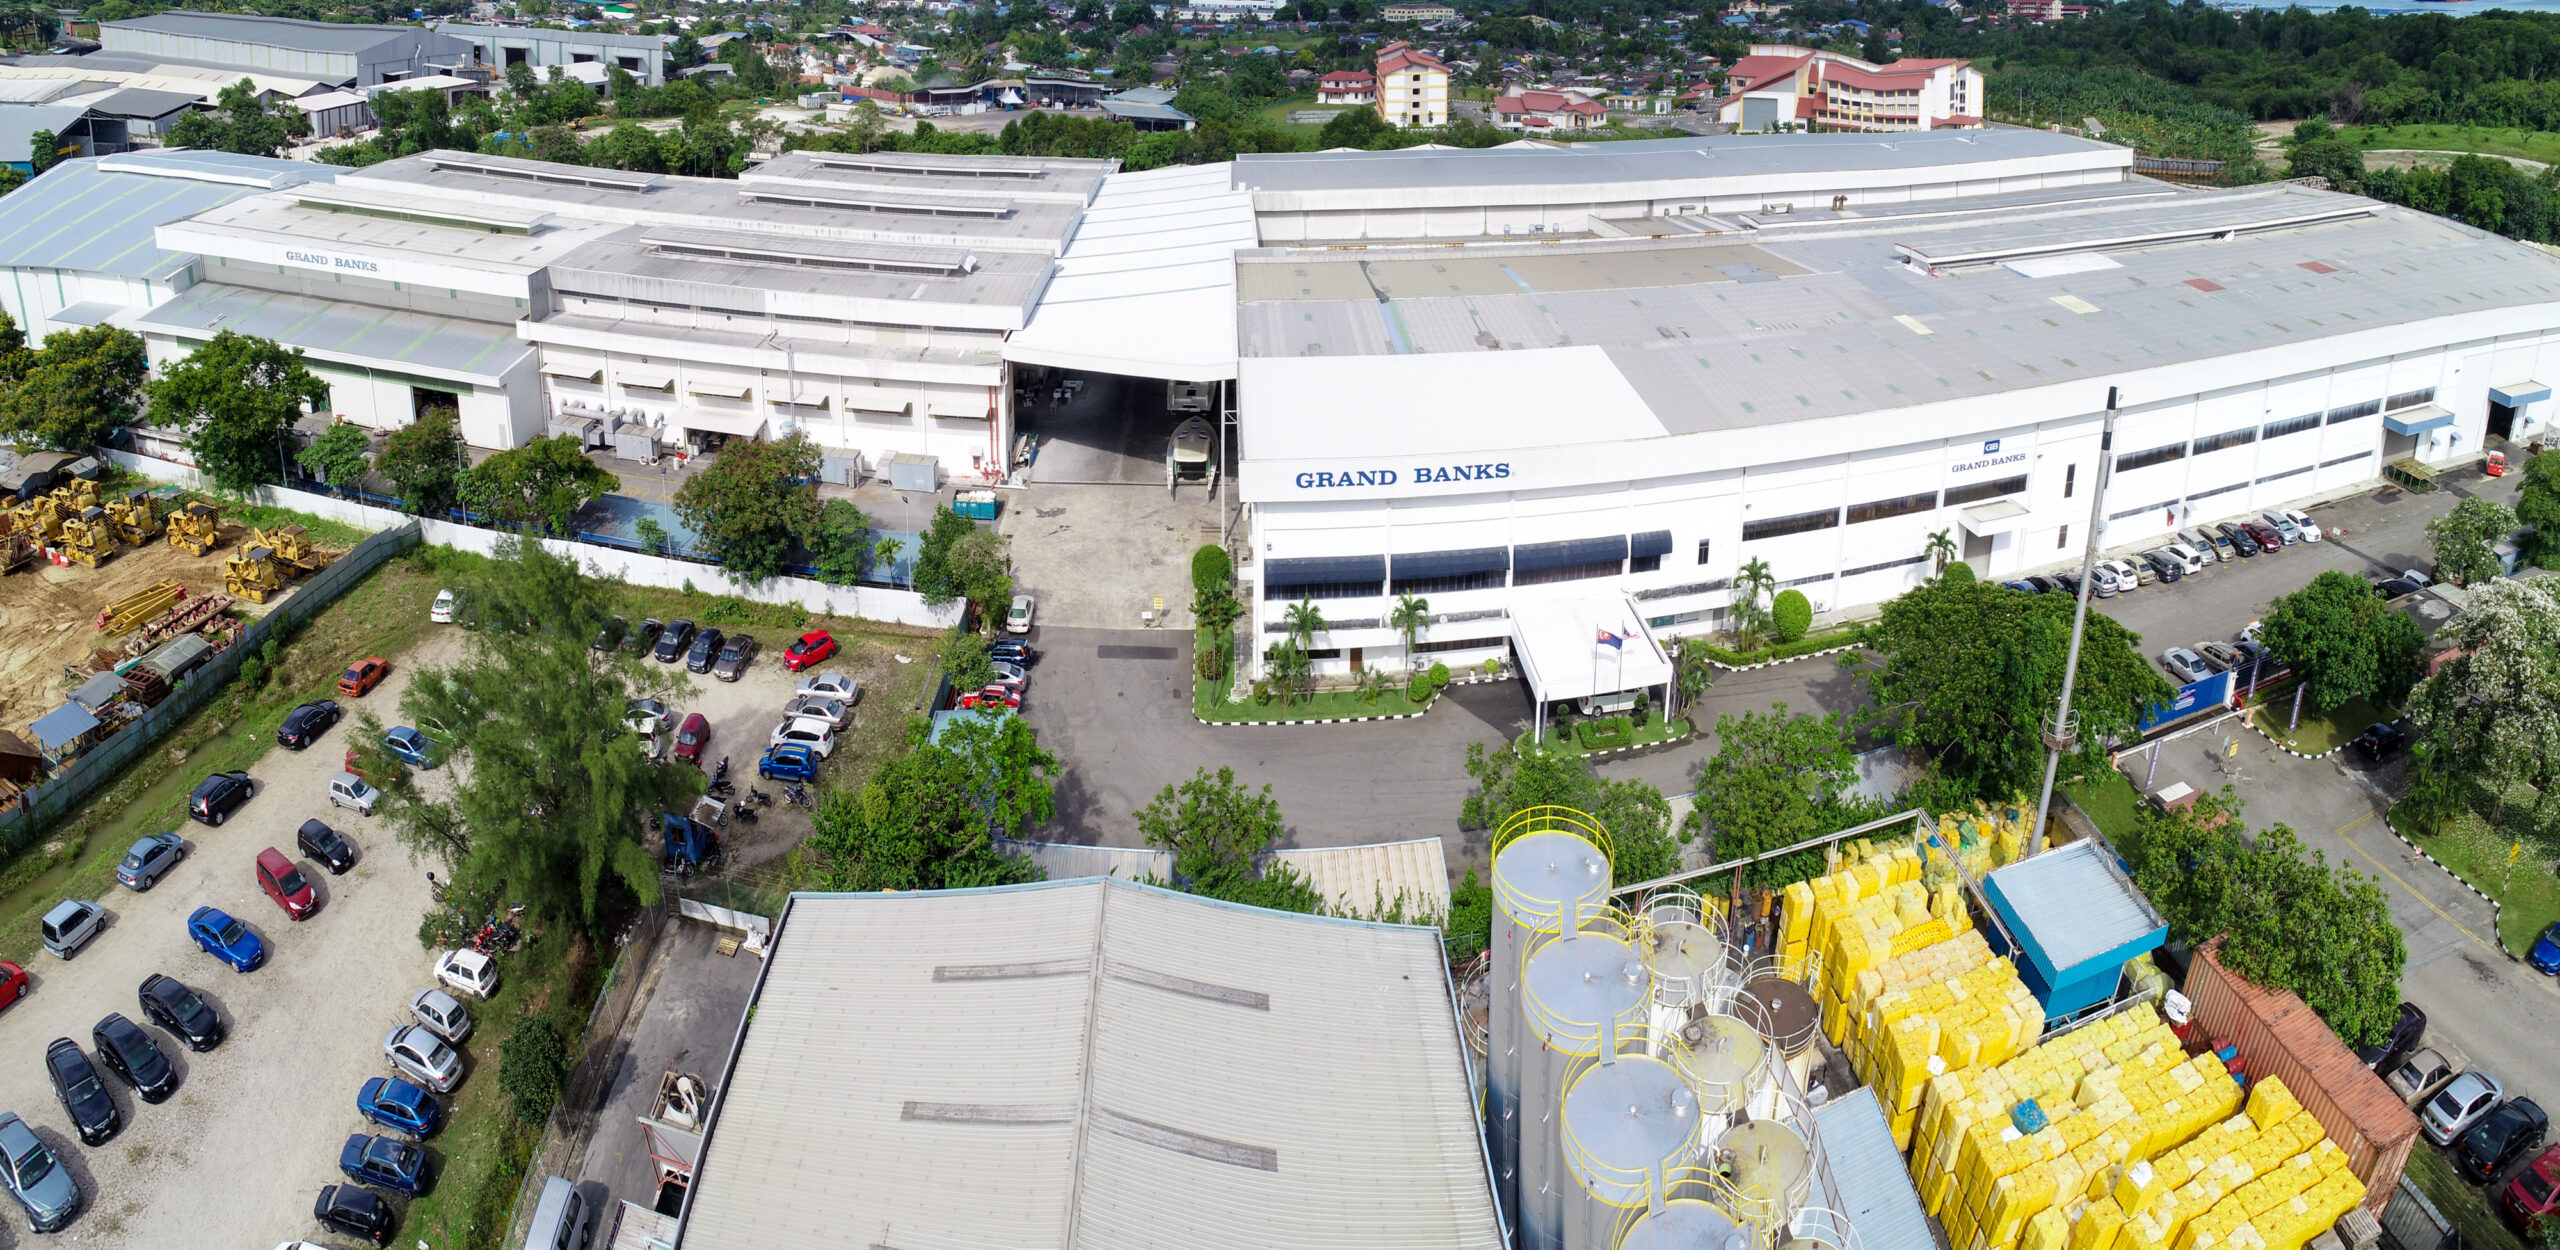 Aerial shot of Grand Banks factory